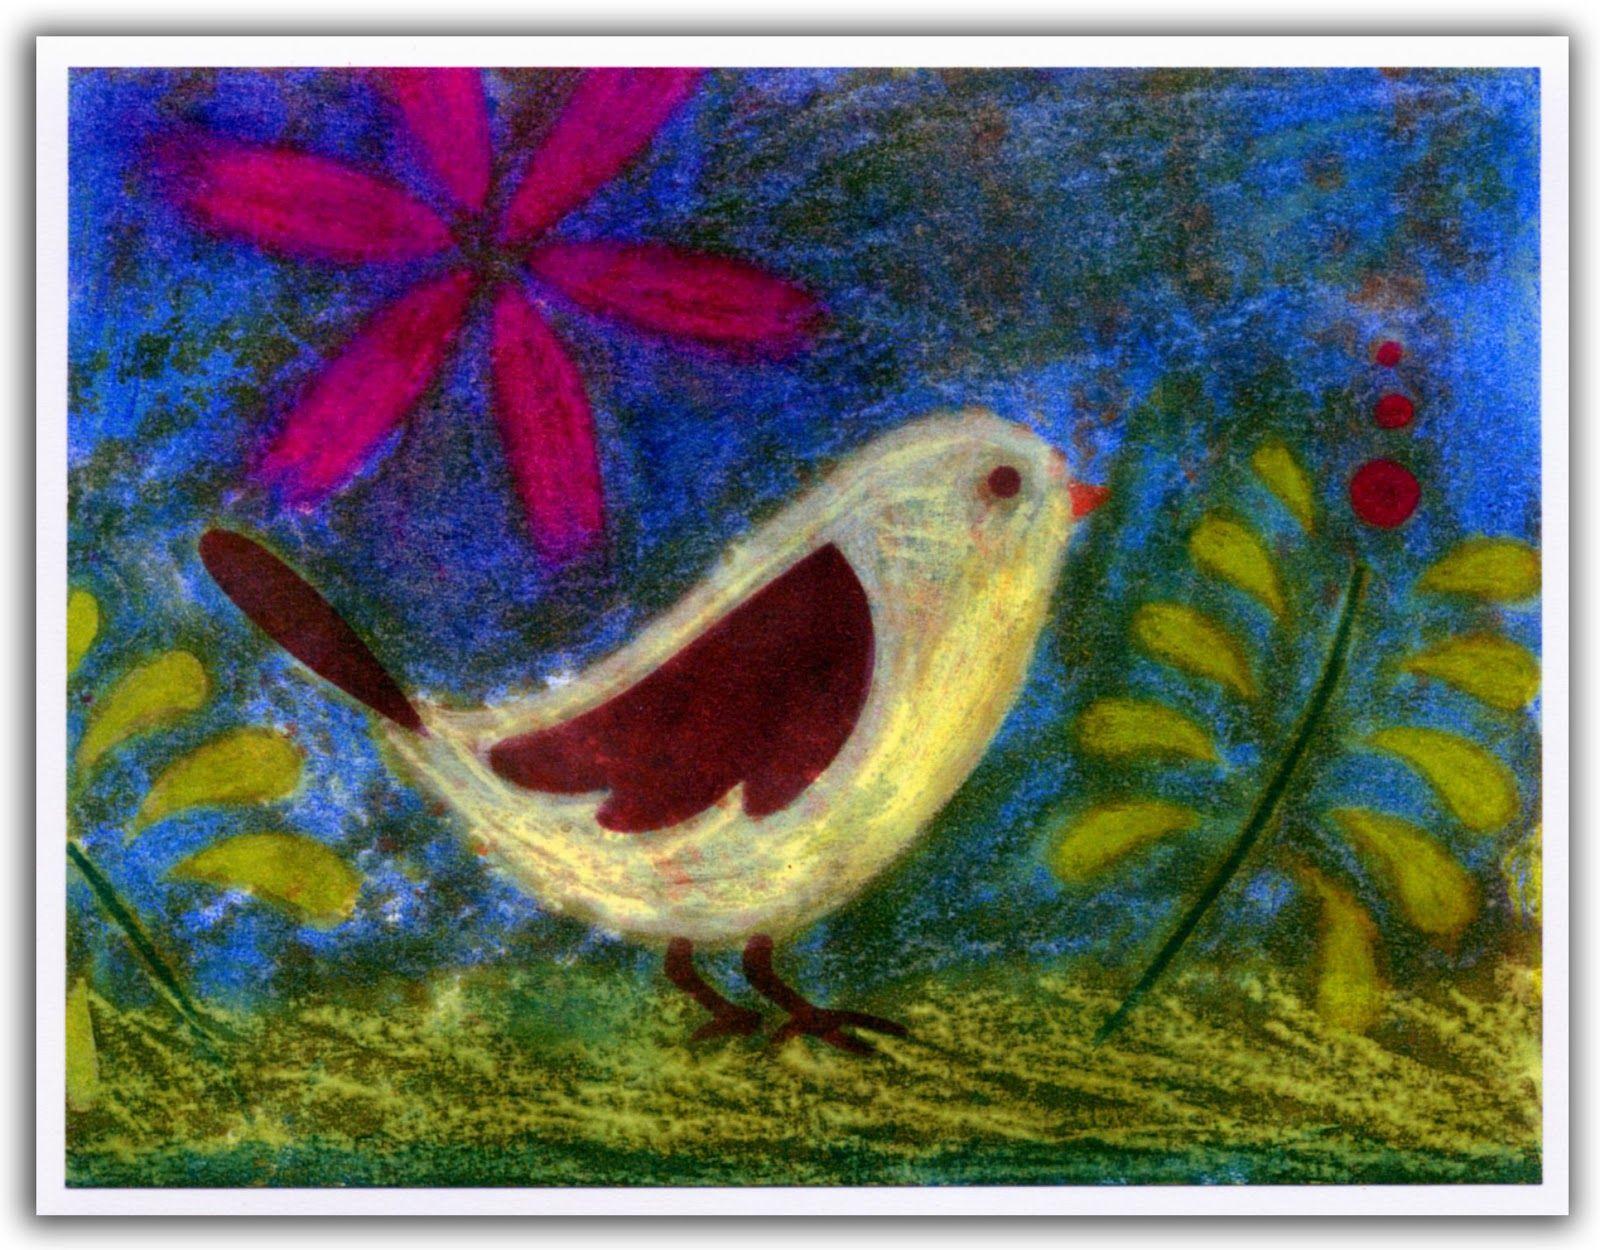 l'oiseau et sa fleur rosehélène métivier | inspirational art